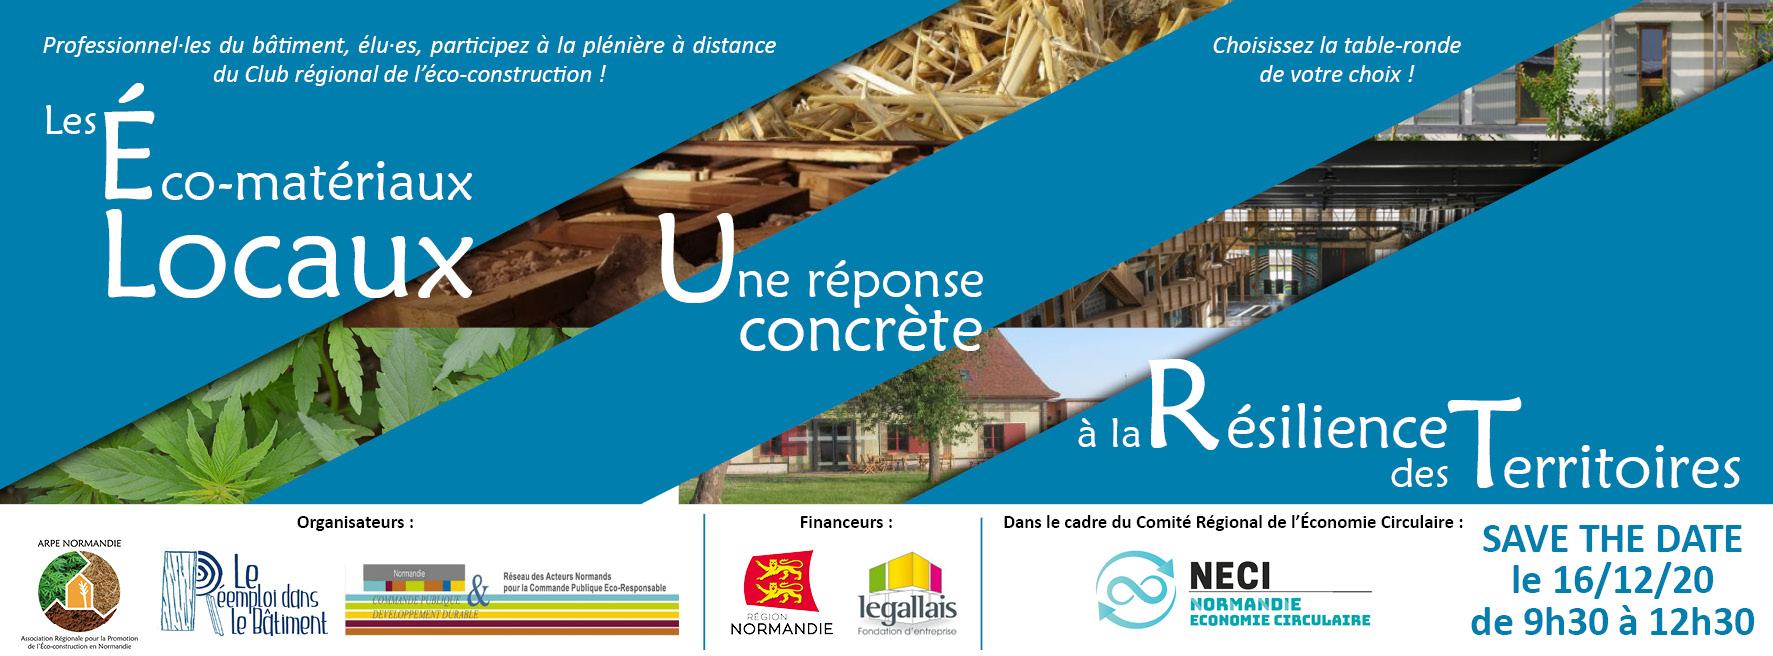 Les compte-rendus de la plénière sur les éco-matériaux locaux du 16/12/20 sont disponibles !